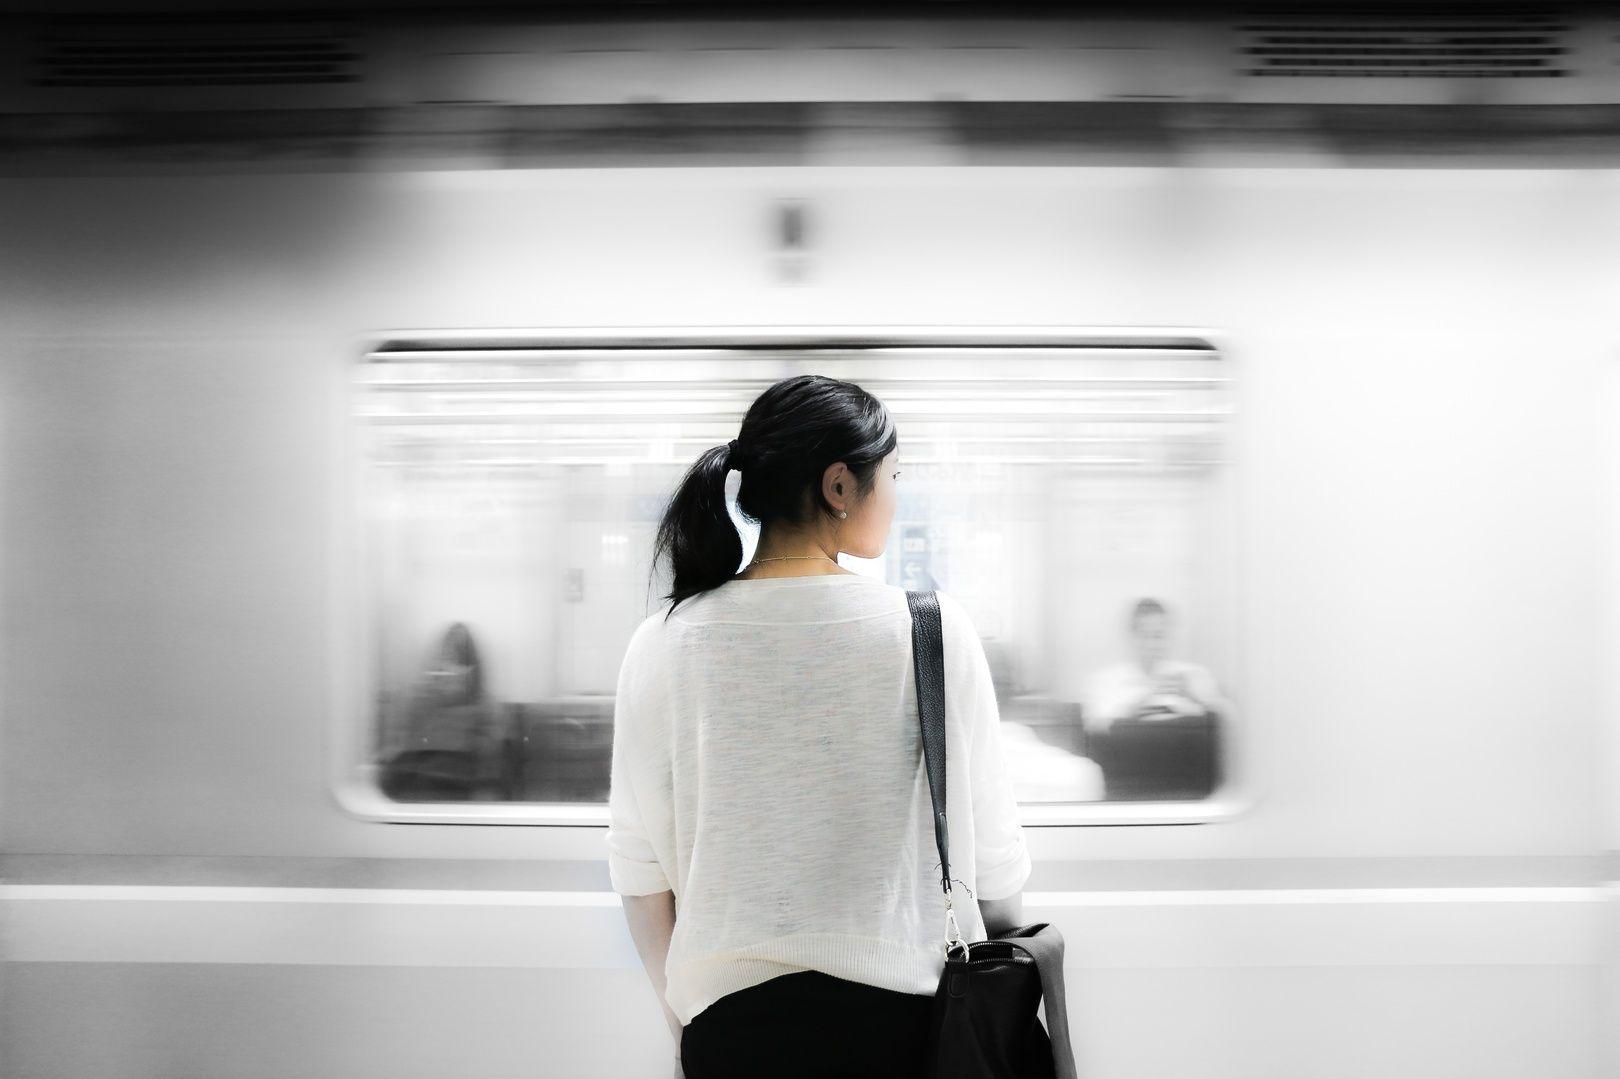 В Китае запустили самый быстрый поезд вмире